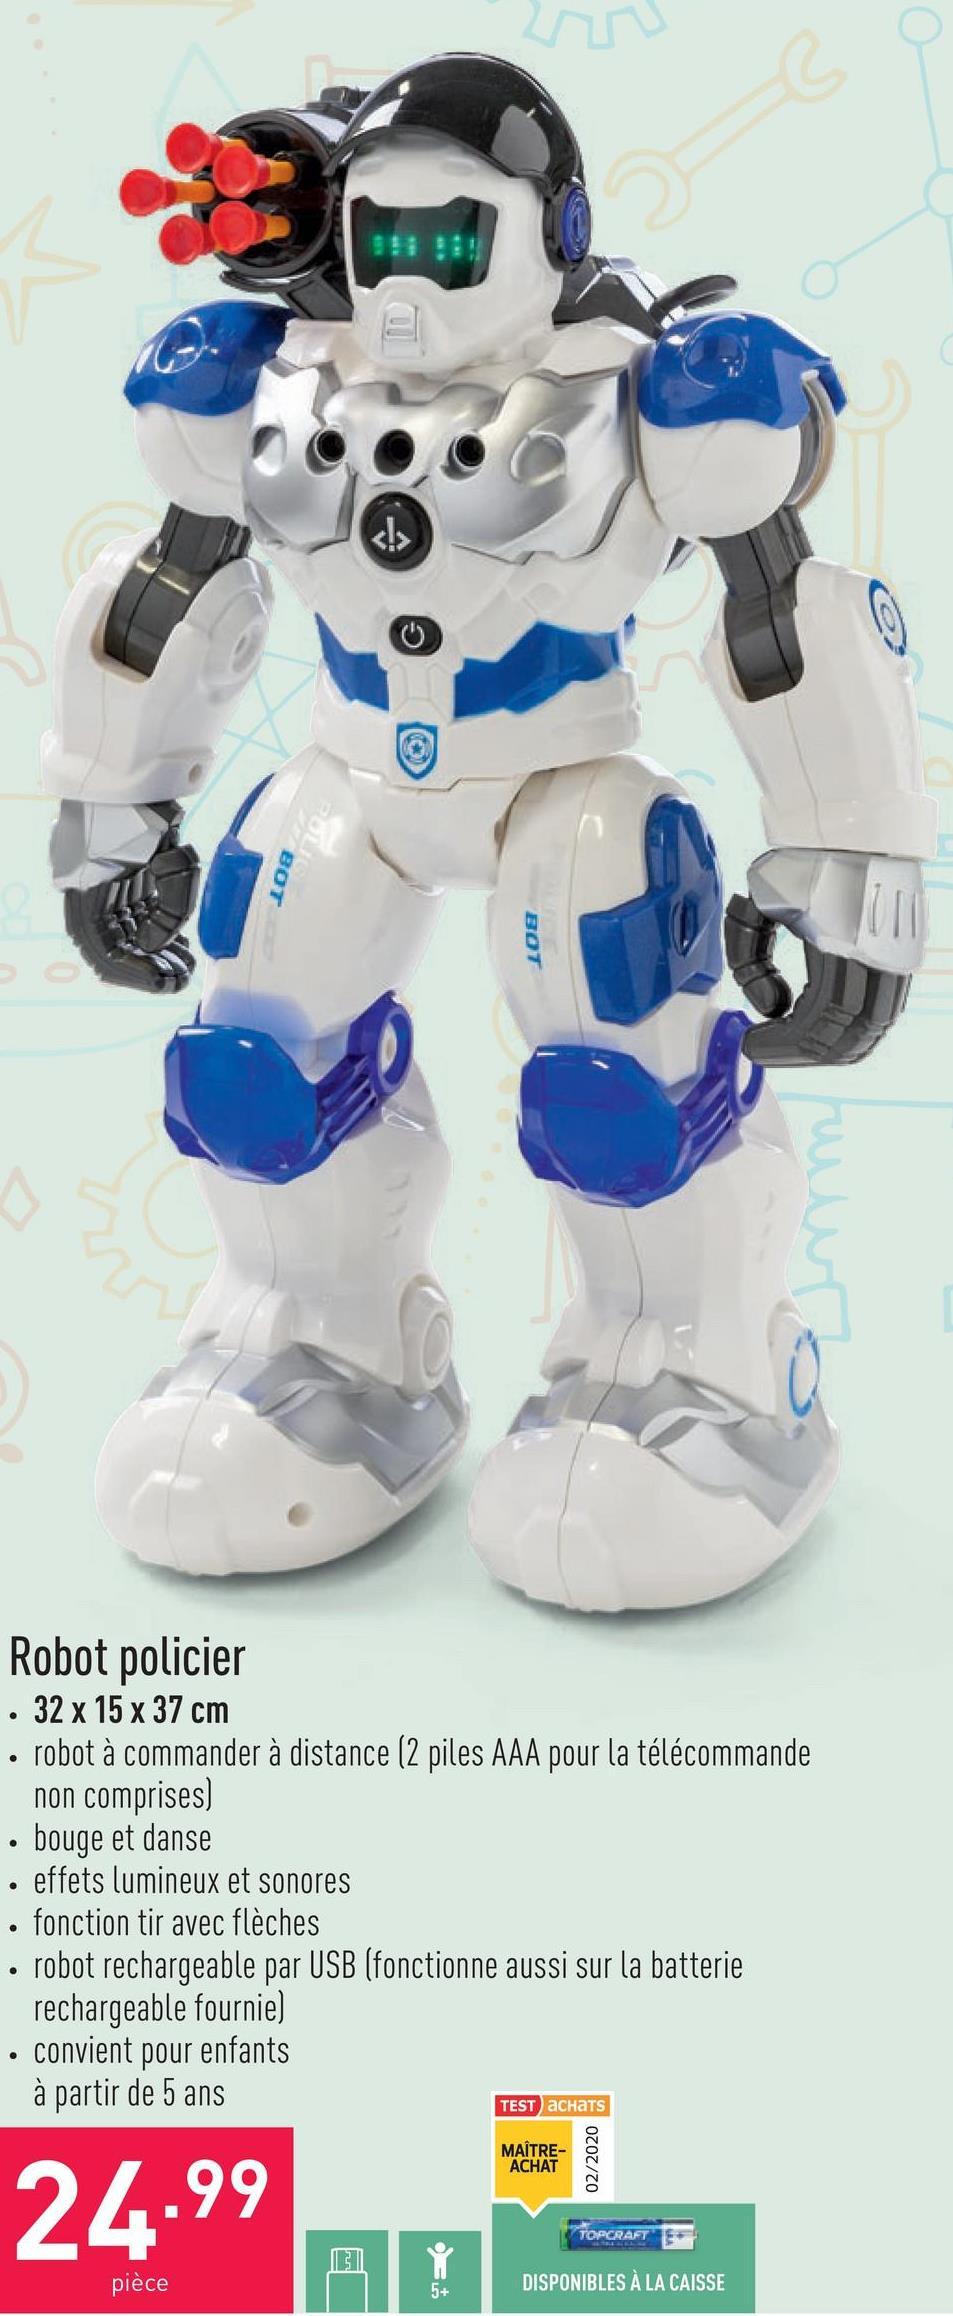 Robot policier 32 x 15 x 37 cmrobot à commander à distance (2 piles AAA pour la télécommande non comprises)bouge et danseeffets lumineux et sonoresfonction tir avec flèchesrobot rechargeable par USB (fonctionne aussi sur la batterie rechargeable fournie)convient pour enfants à partir de 5 ans